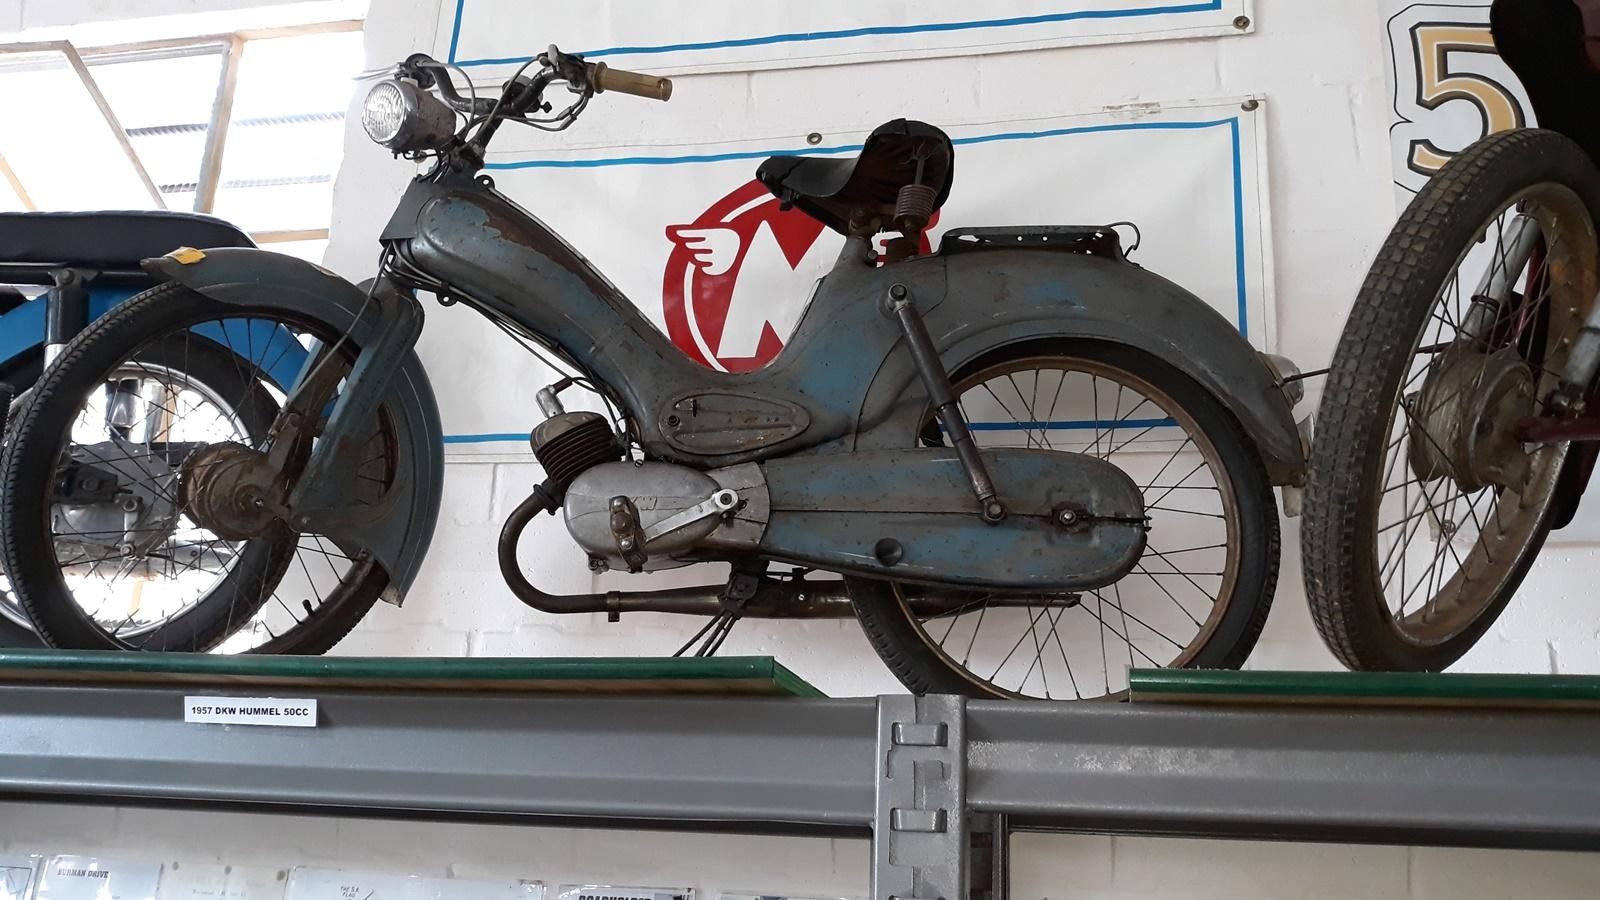 1957 DKW Hummel 50cc moped